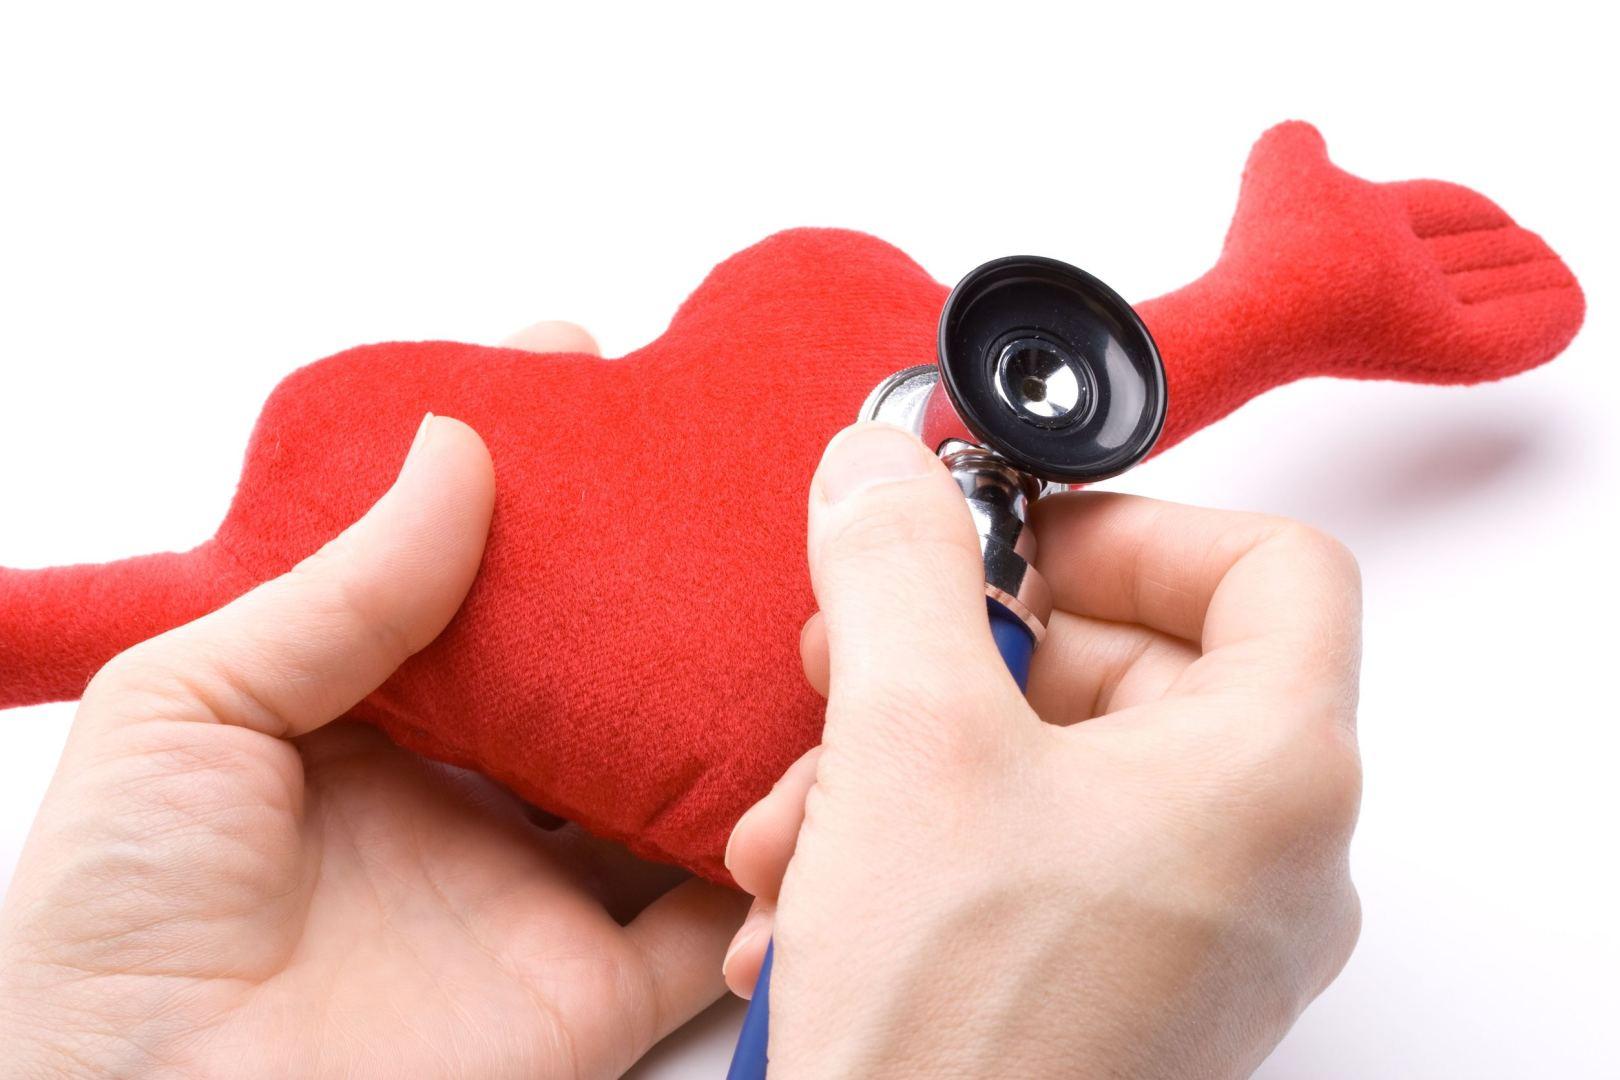 Paprastas būdas patikrinti širdies sveikatą: užtruksite vos 5 minutes | taksi-ag.lt